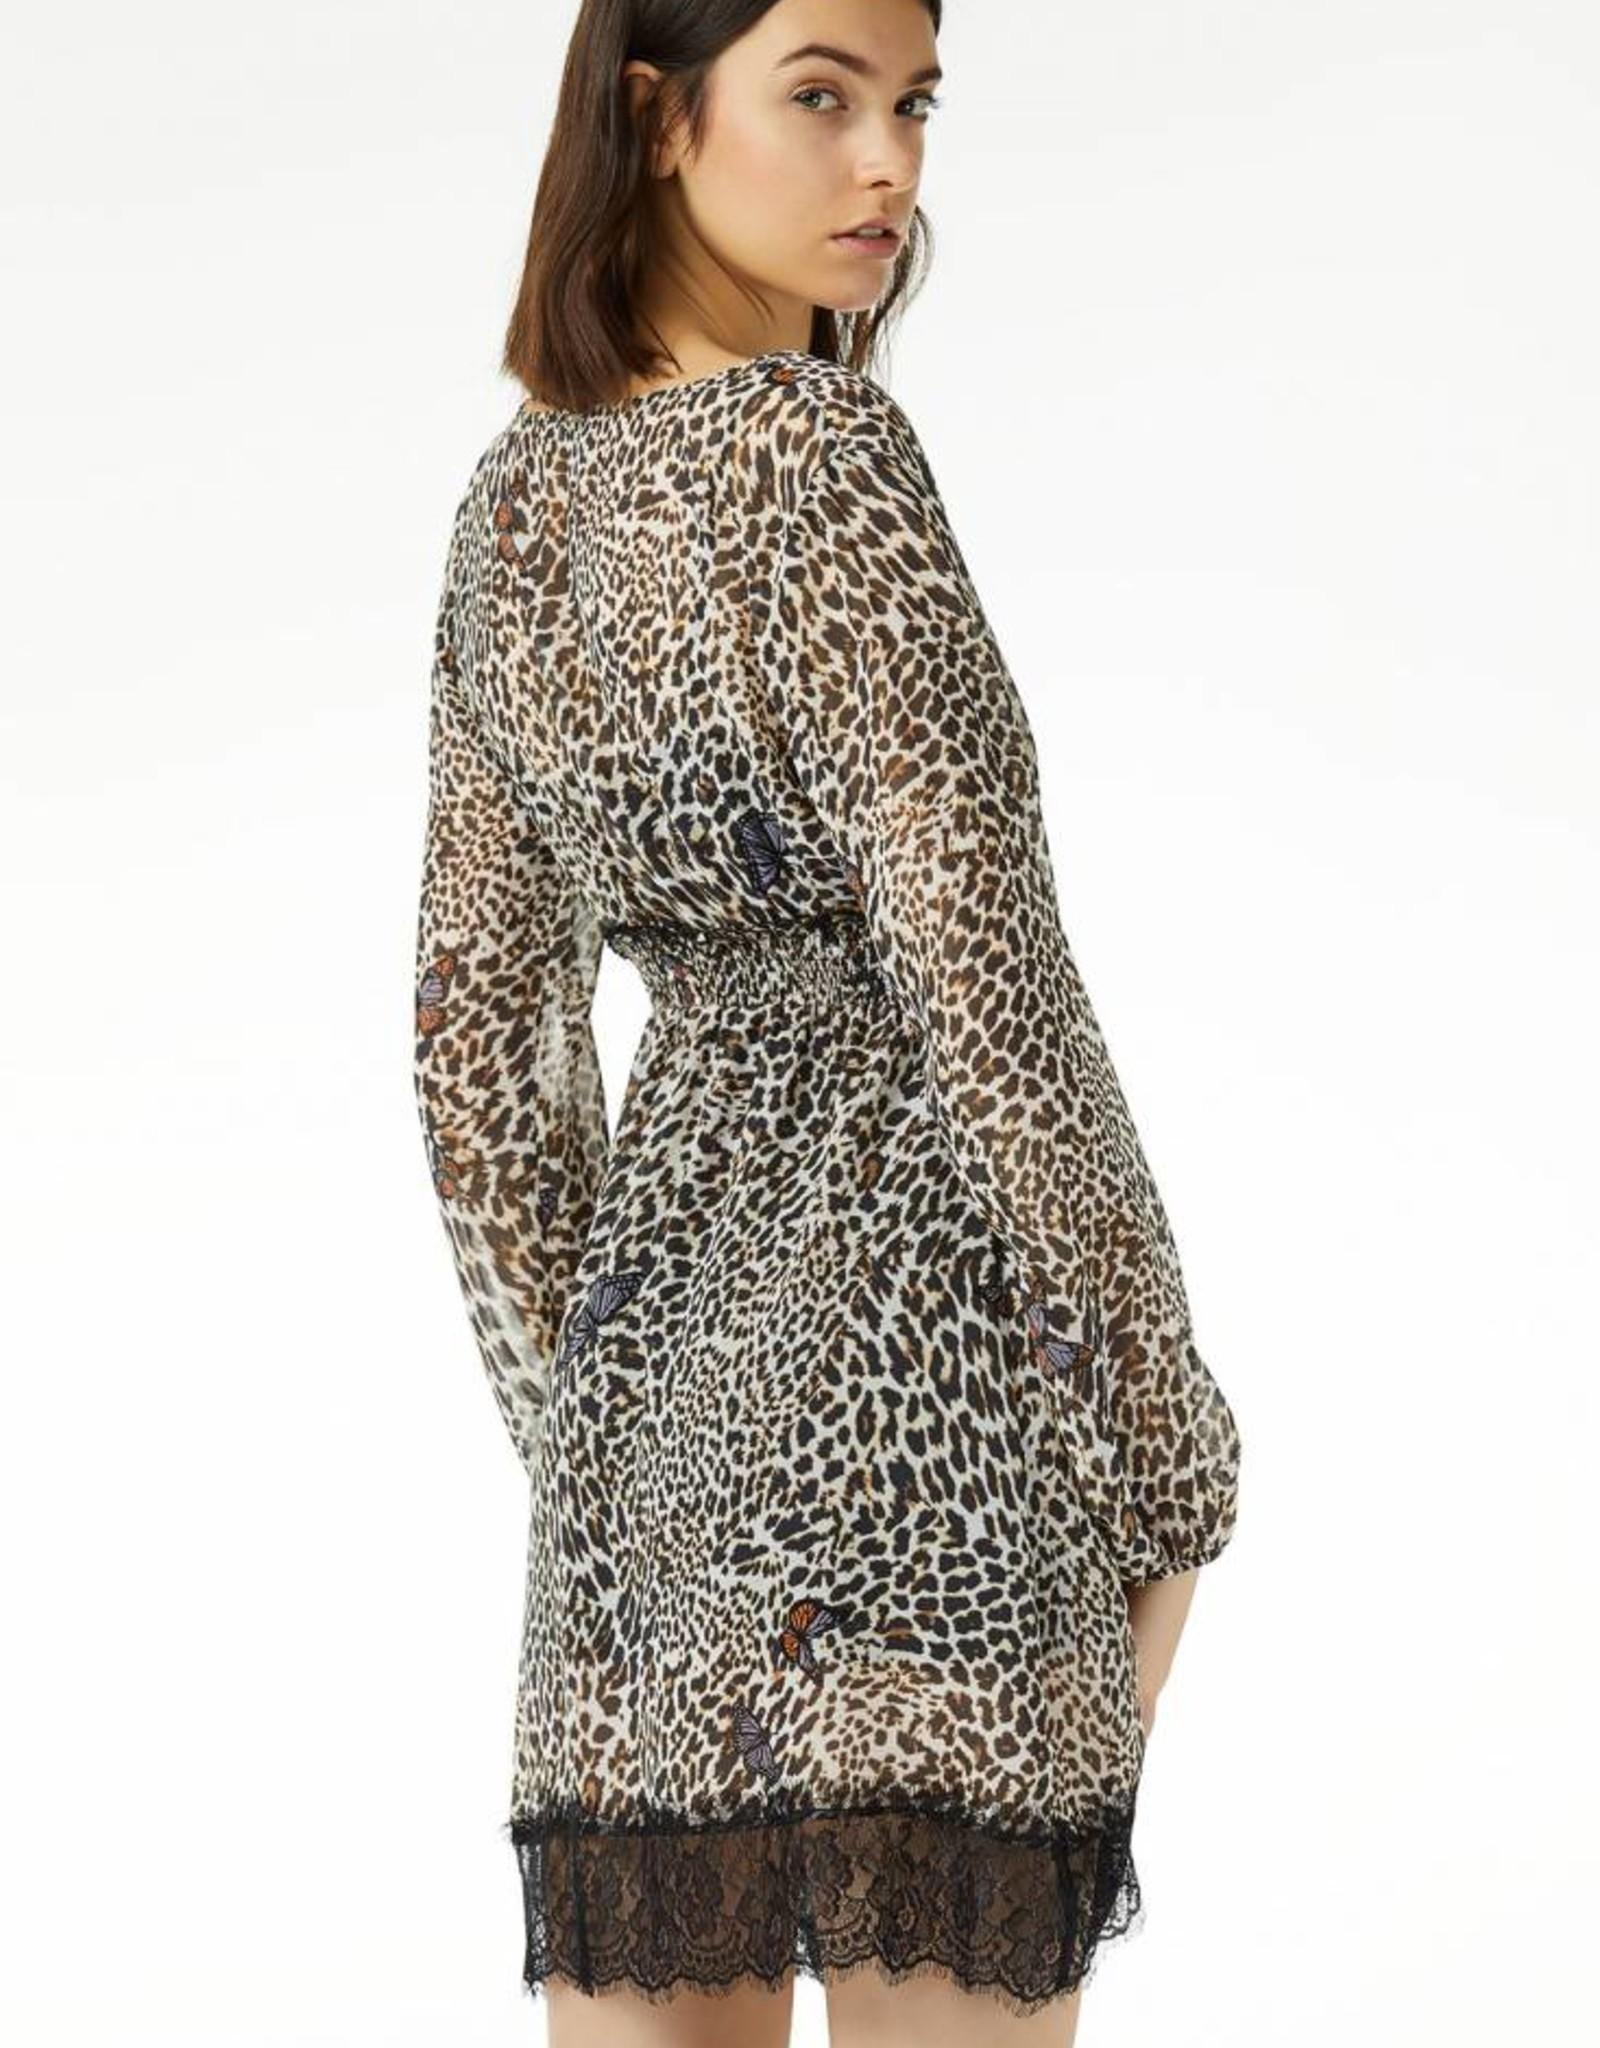 Liu Jo Abito Manhattan Corto Leopard W19188T0197